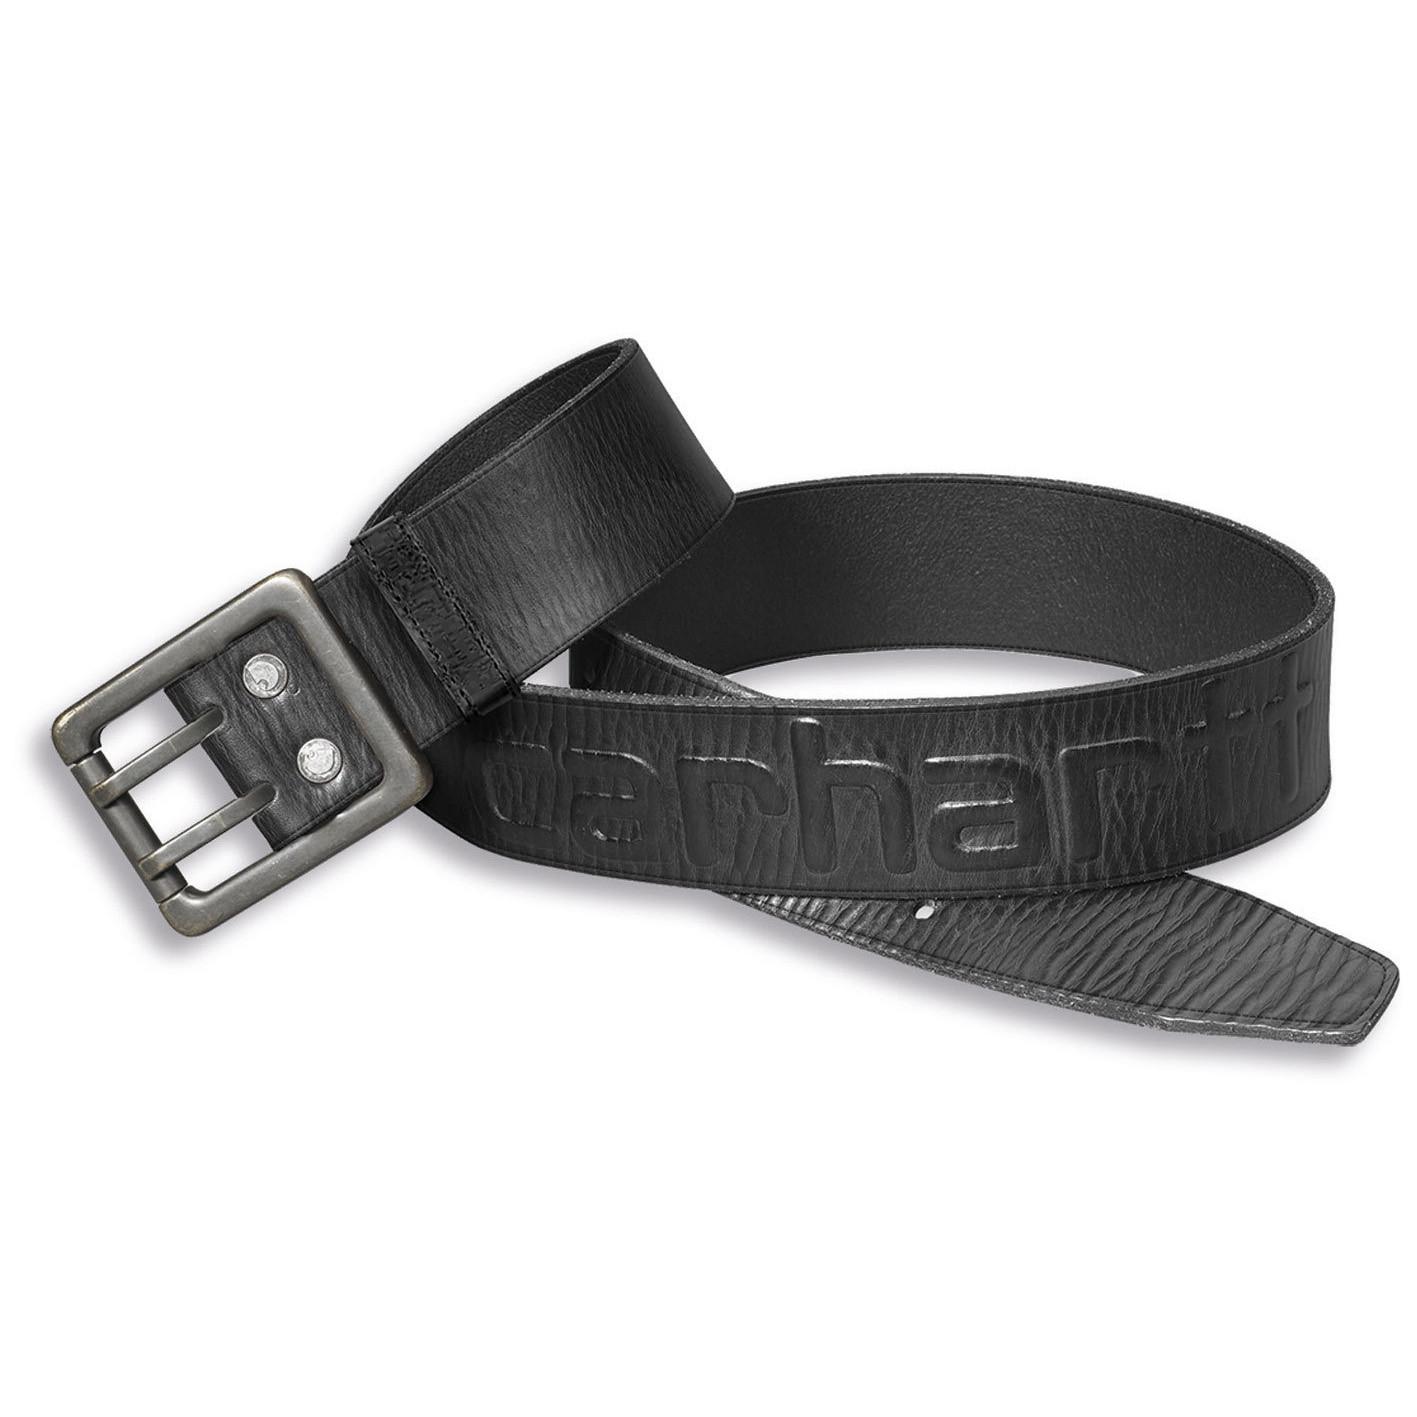 Ремень кожаный Carhartt Logo Belt - 2217 (Black, W36)